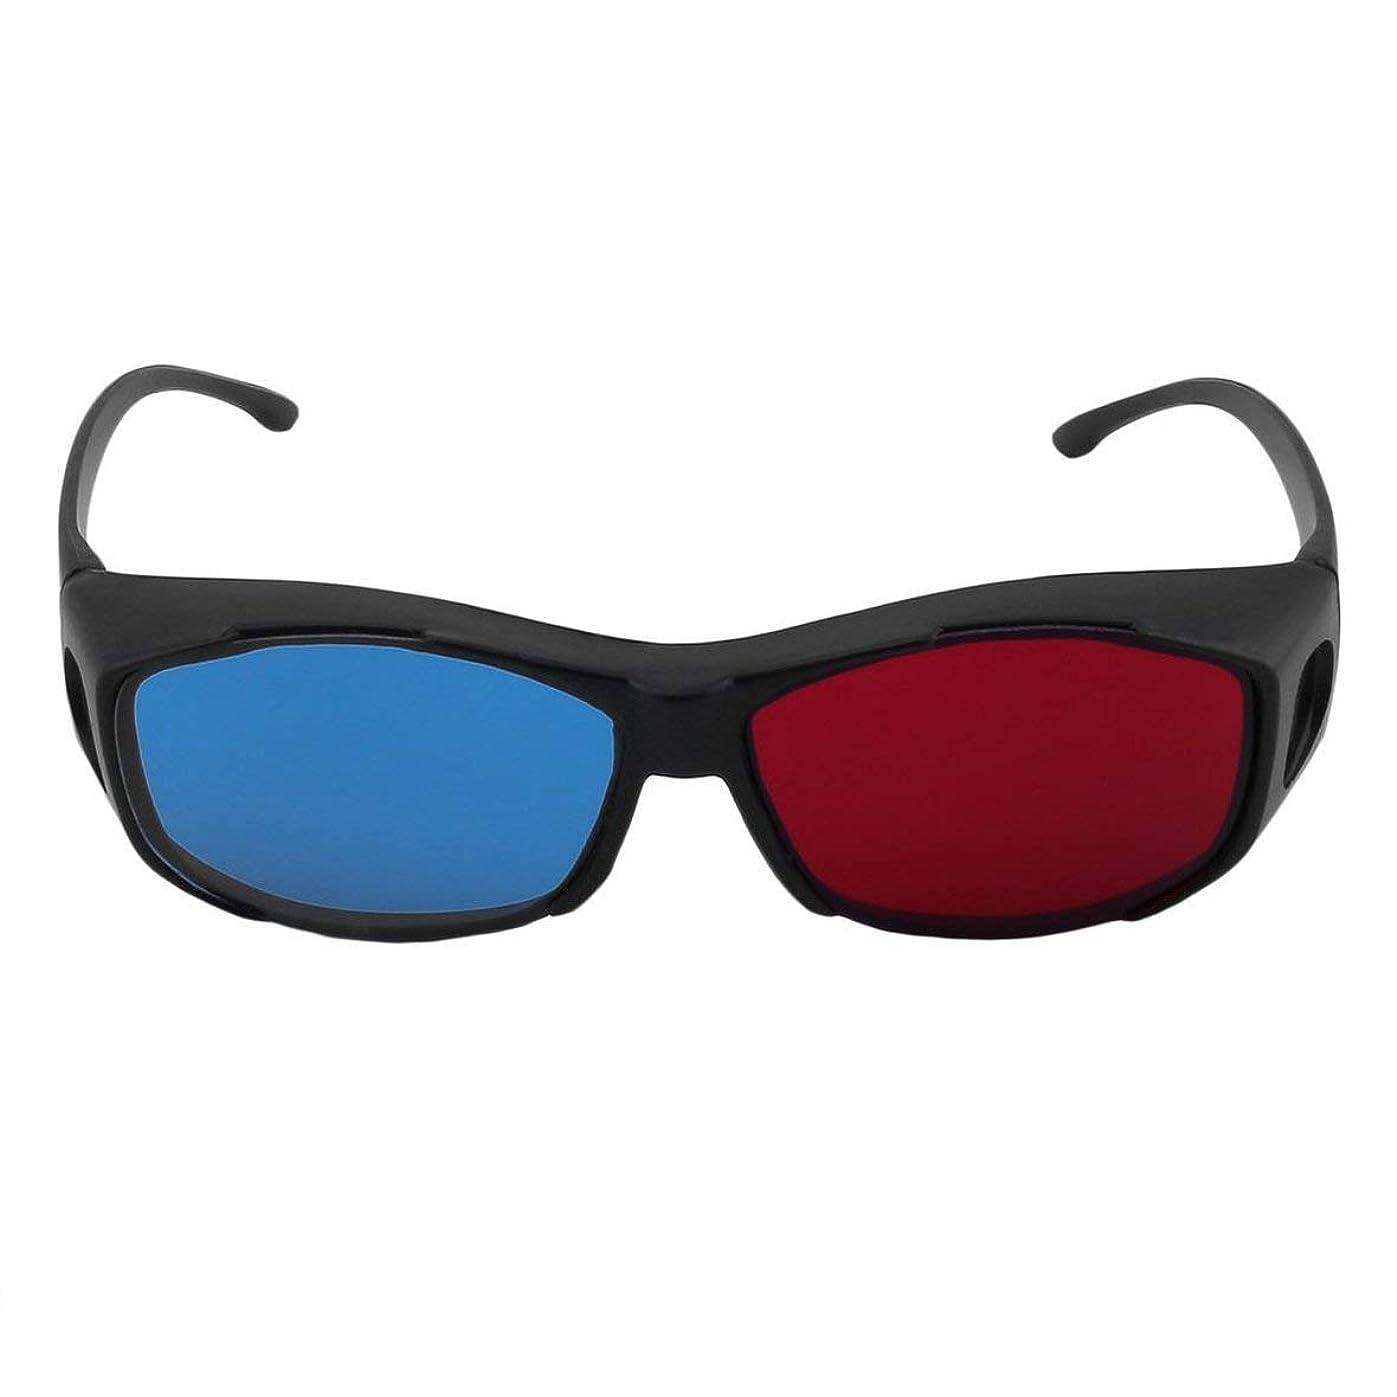 引き渡す素敵な値Blackfell ユニバーサルタイプ3Dメガネテレビ映画次元アナグリフビデオフレーム3DビジョンメガネDVDゲームガラス赤と青の色